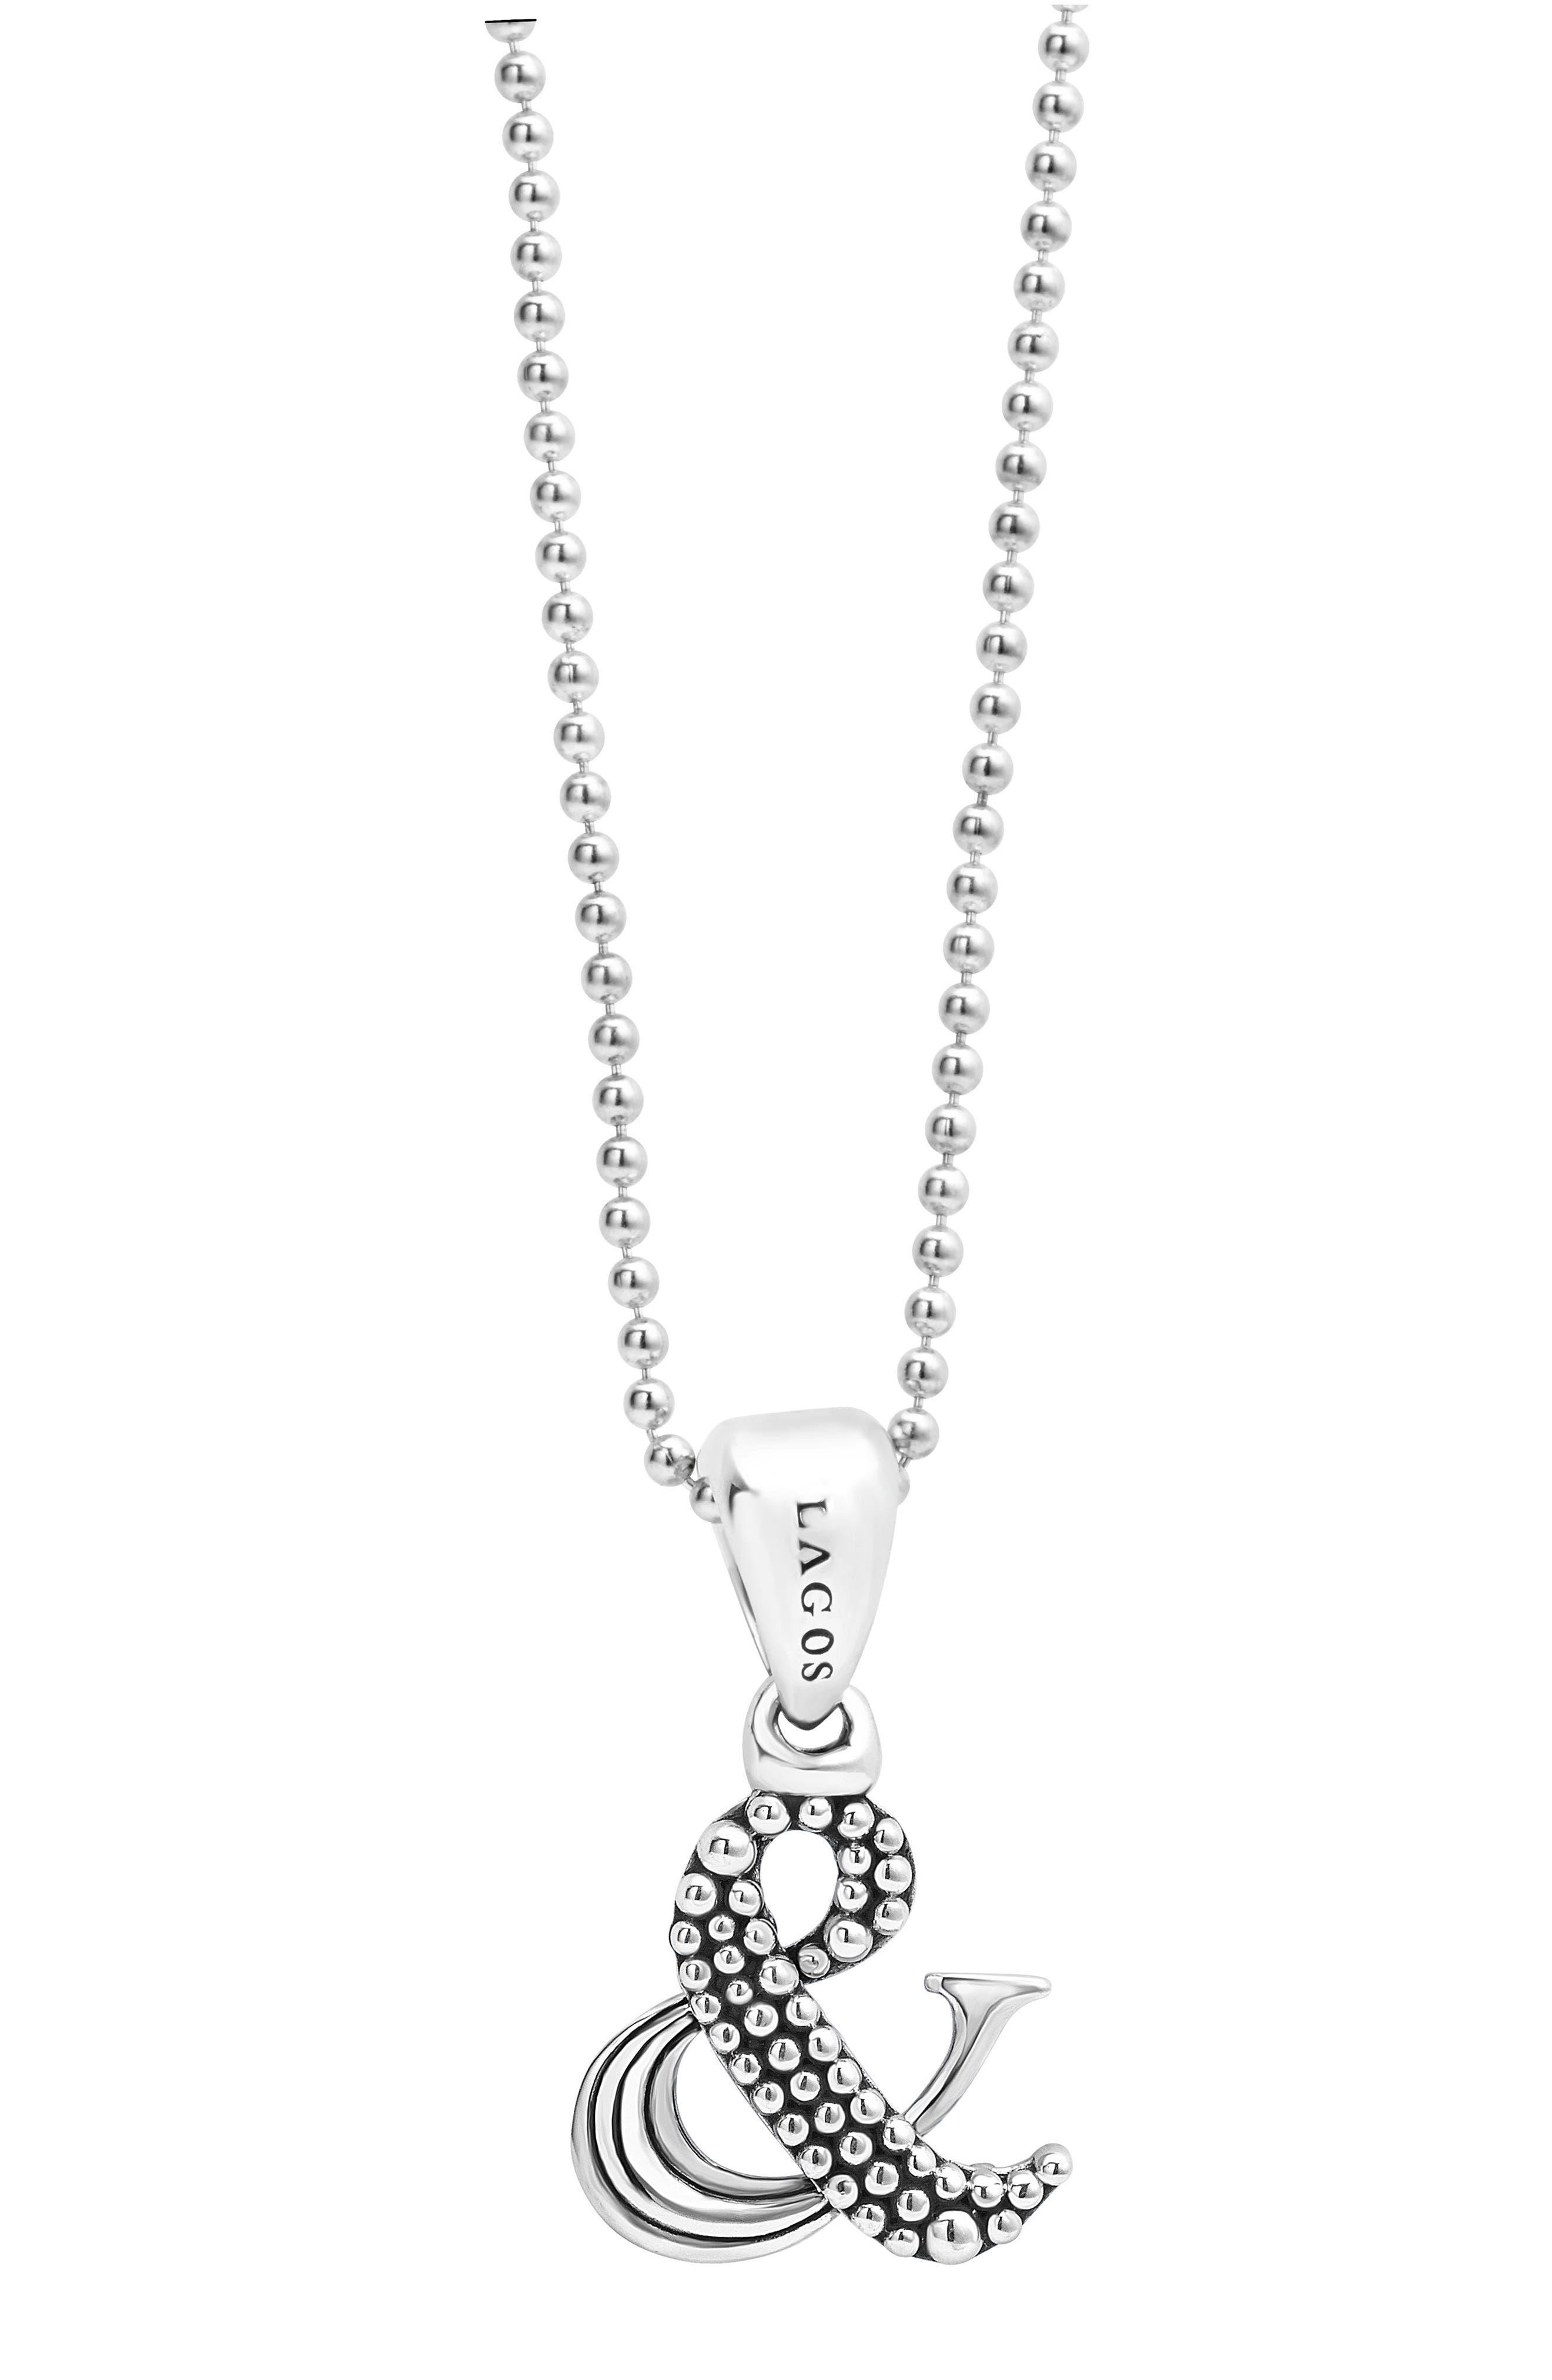 'Beloved' Ampersand Pendant Necklace,                             Alternate thumbnail 3, color,                             STERLING SILVER